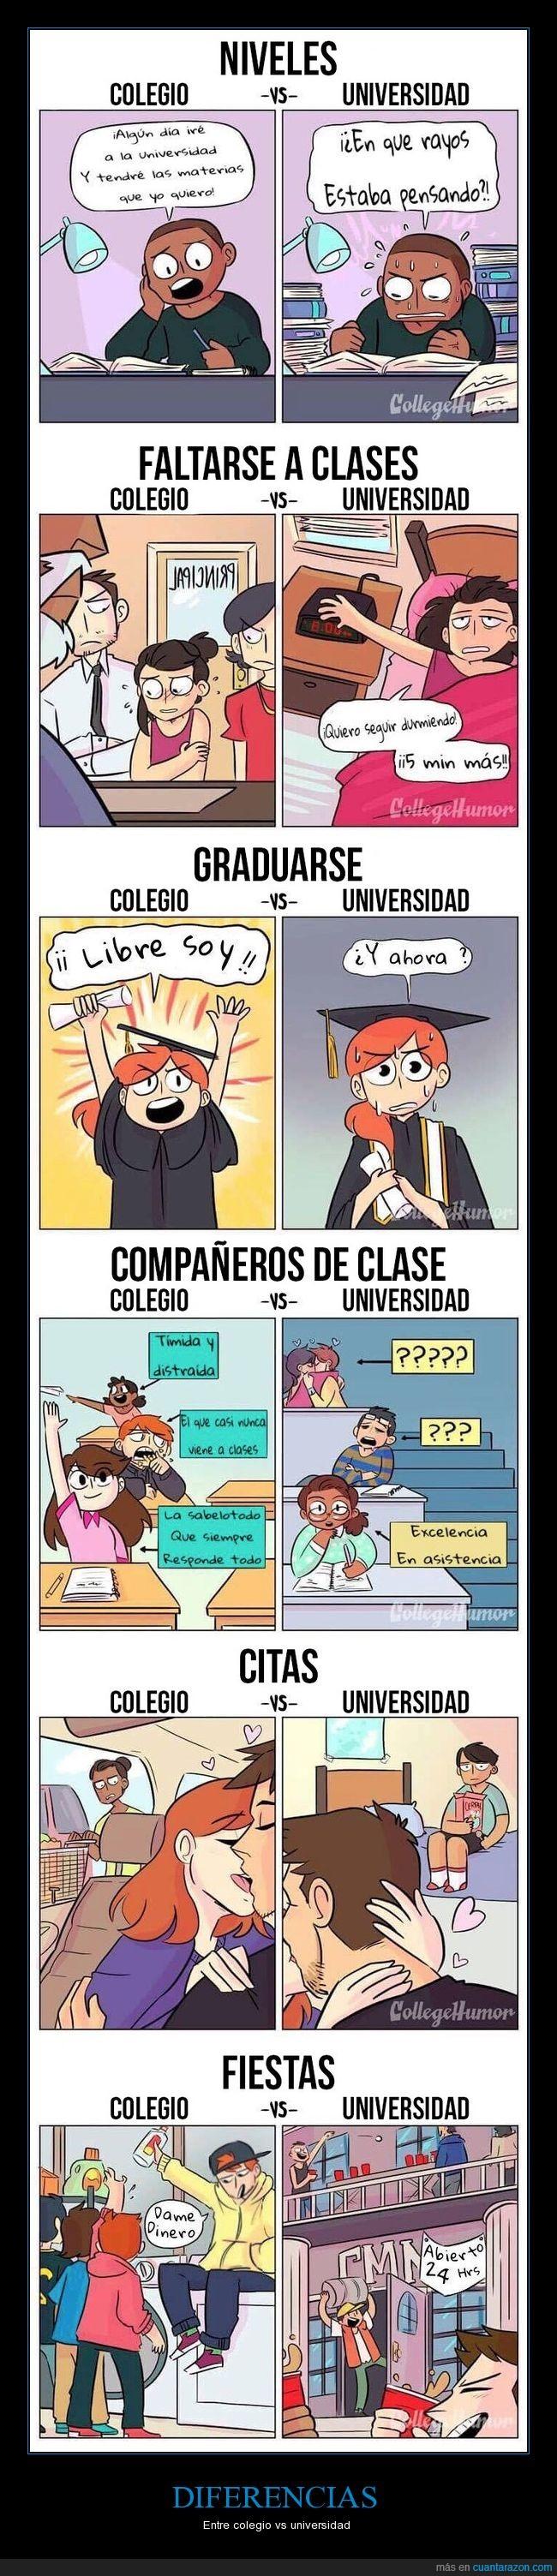 clases,colegio,diferencias,universidad